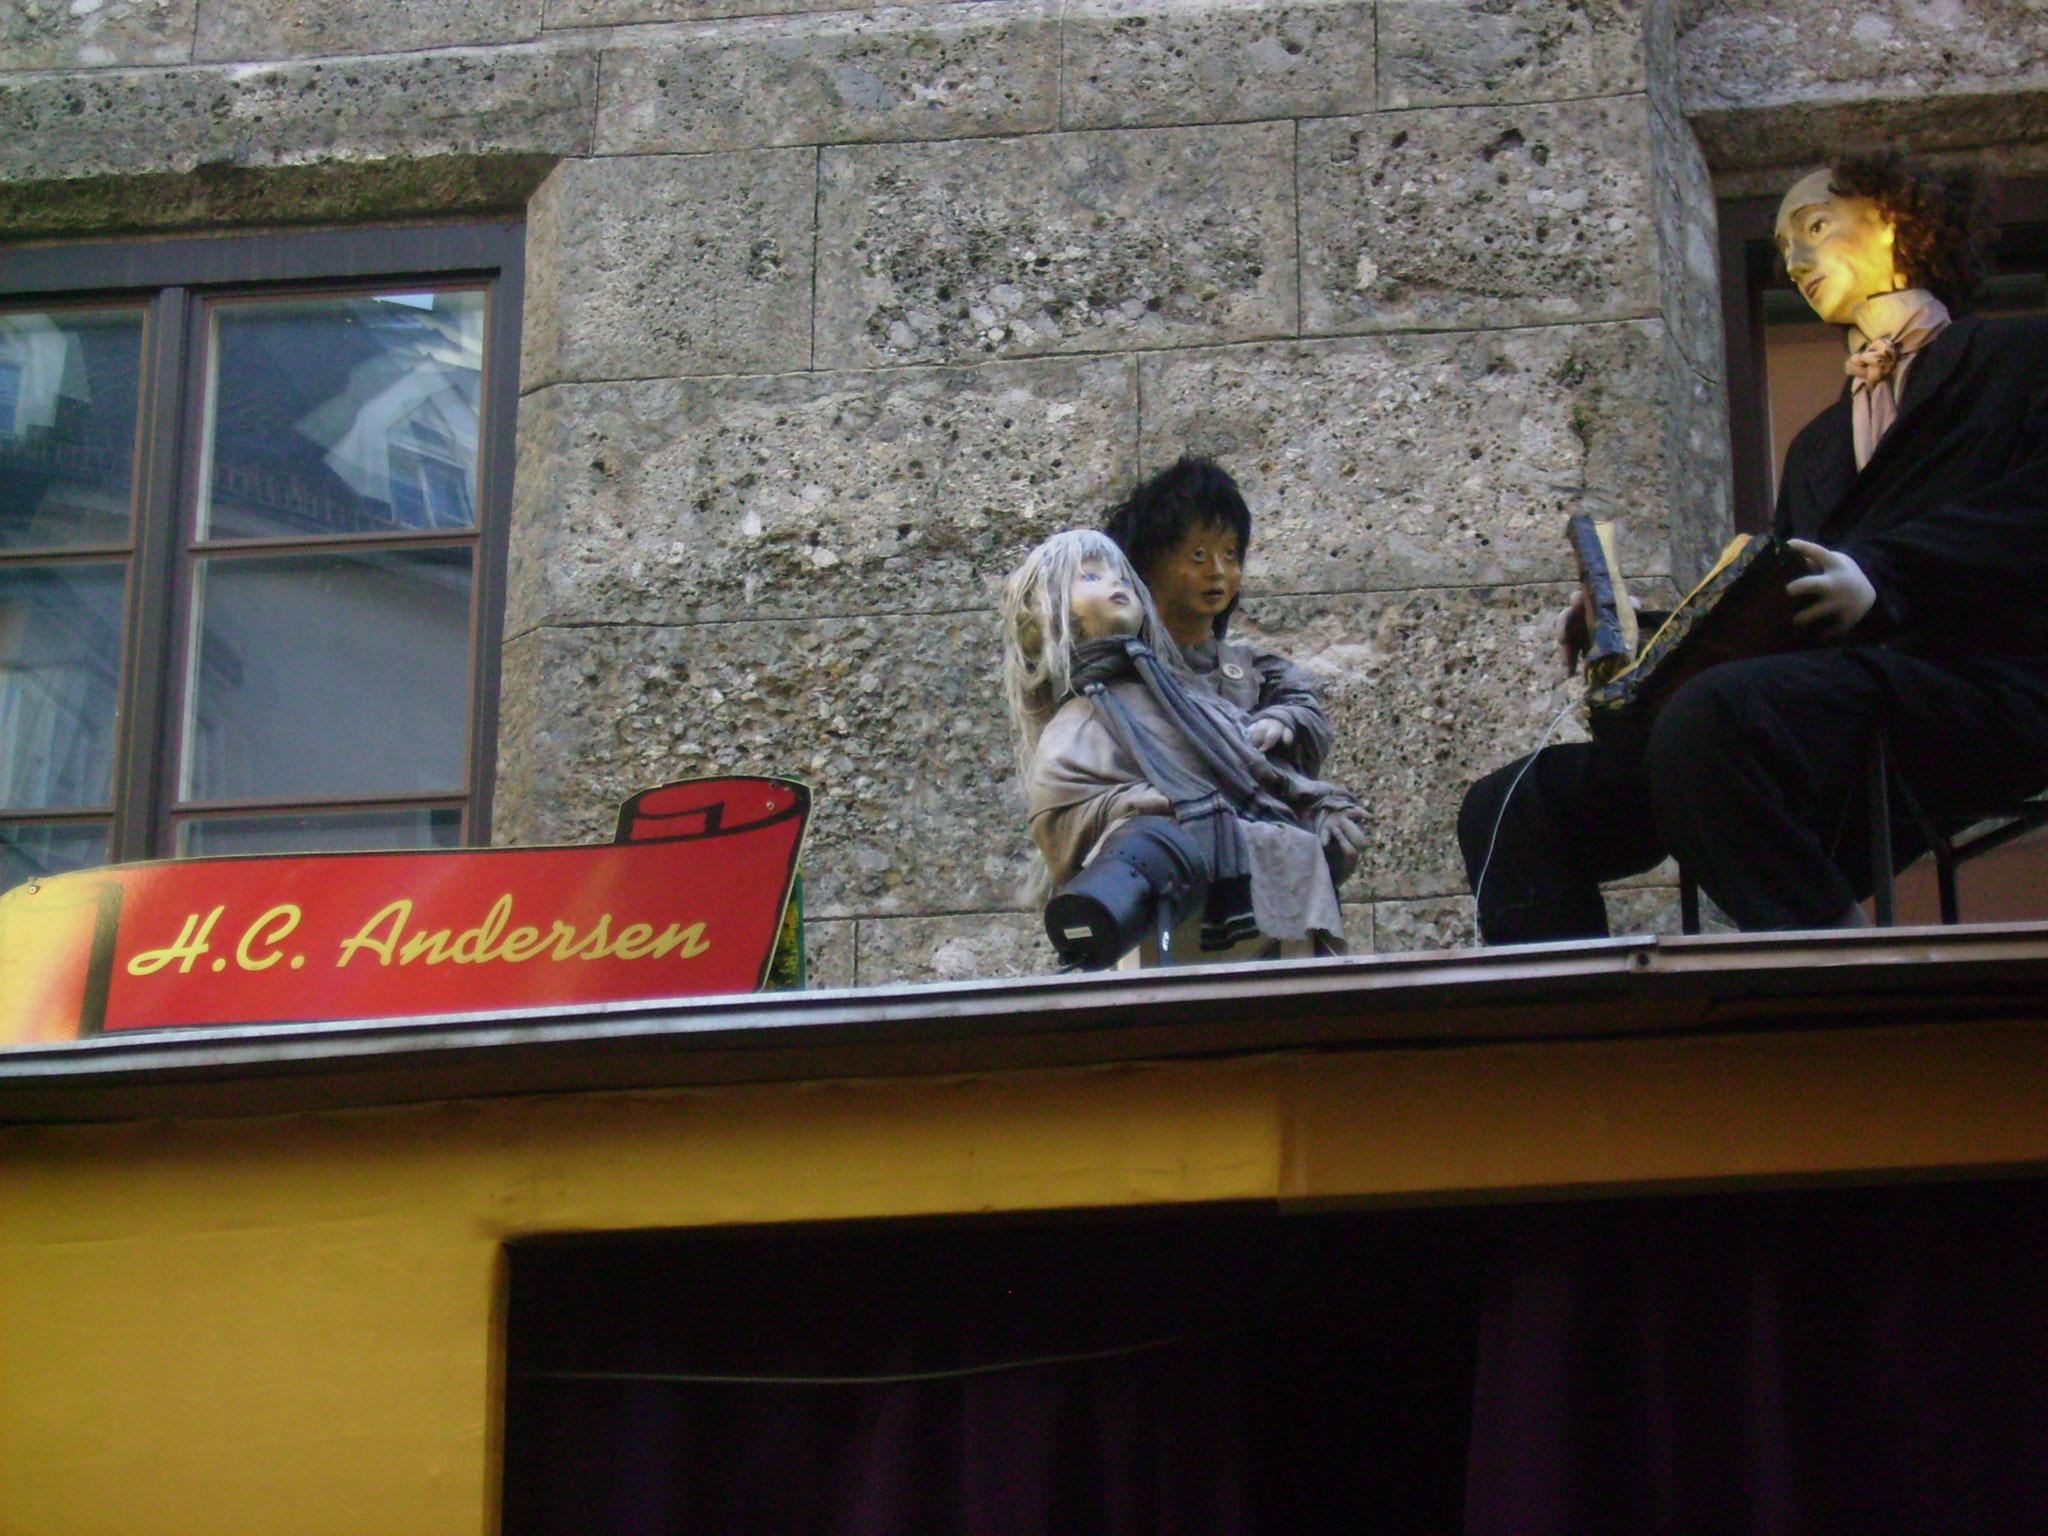 Märchenerzähler Andersen